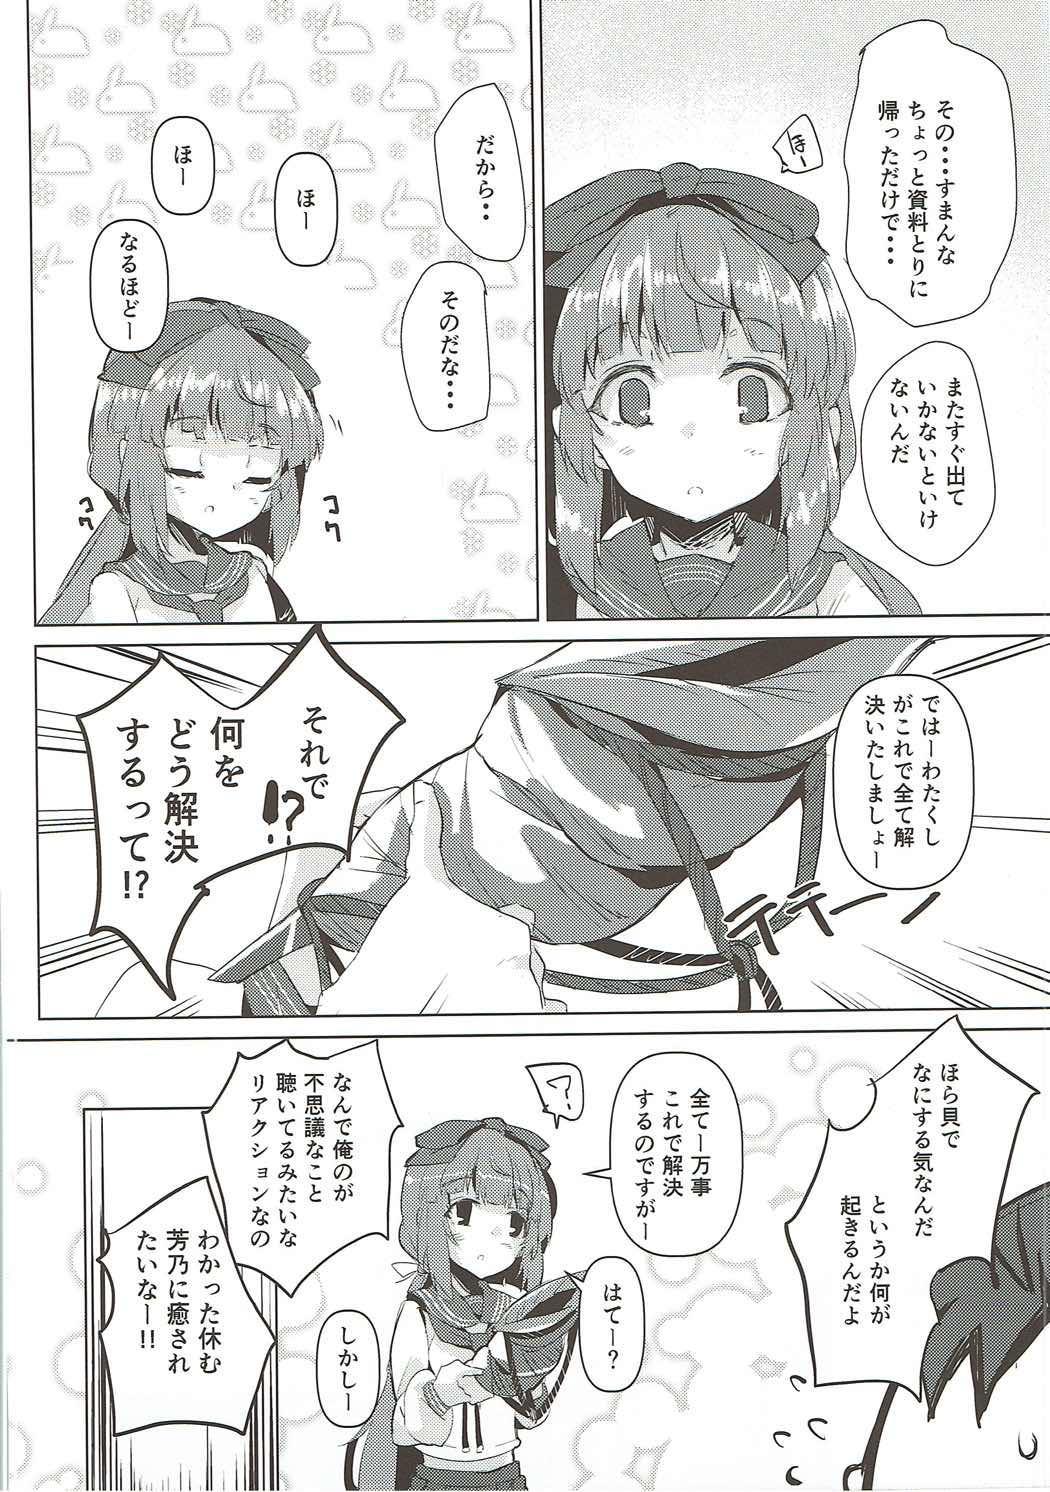 Sonata o Iyasu no deshitee 6